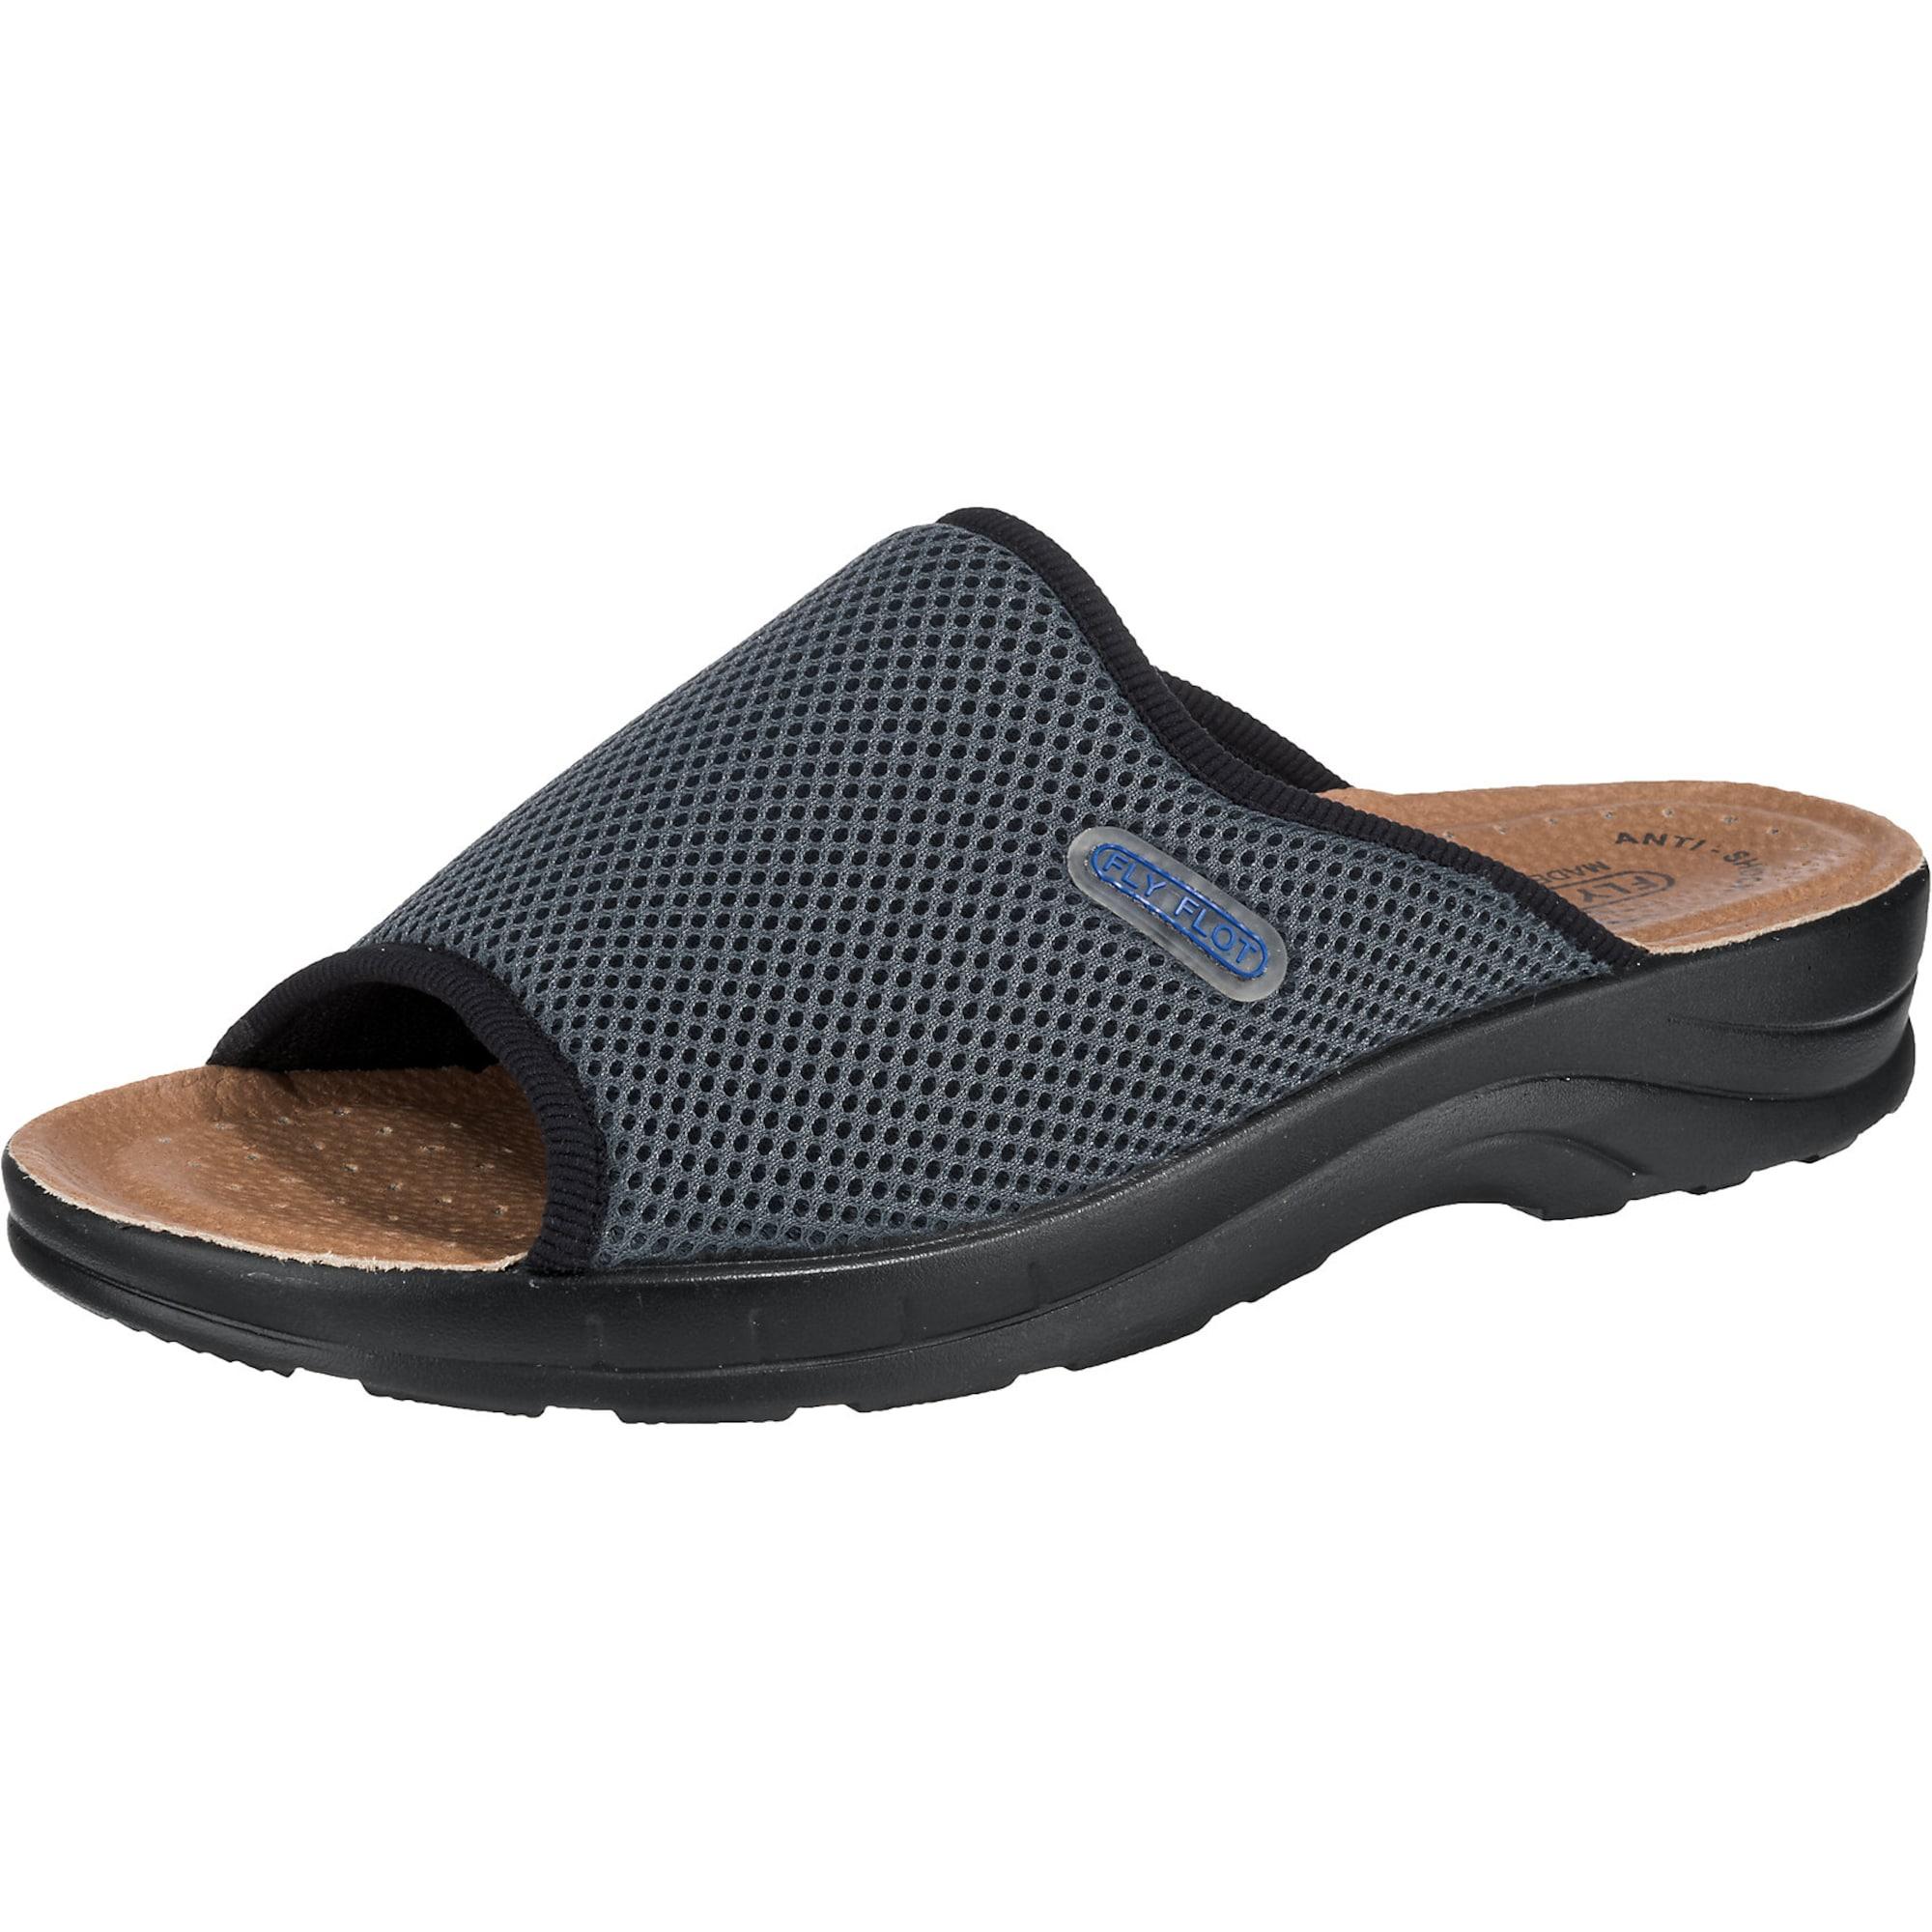 Pantoletten | Schuhe > Clogs & Pantoletten | Dunkelgrau | FLY FLOT